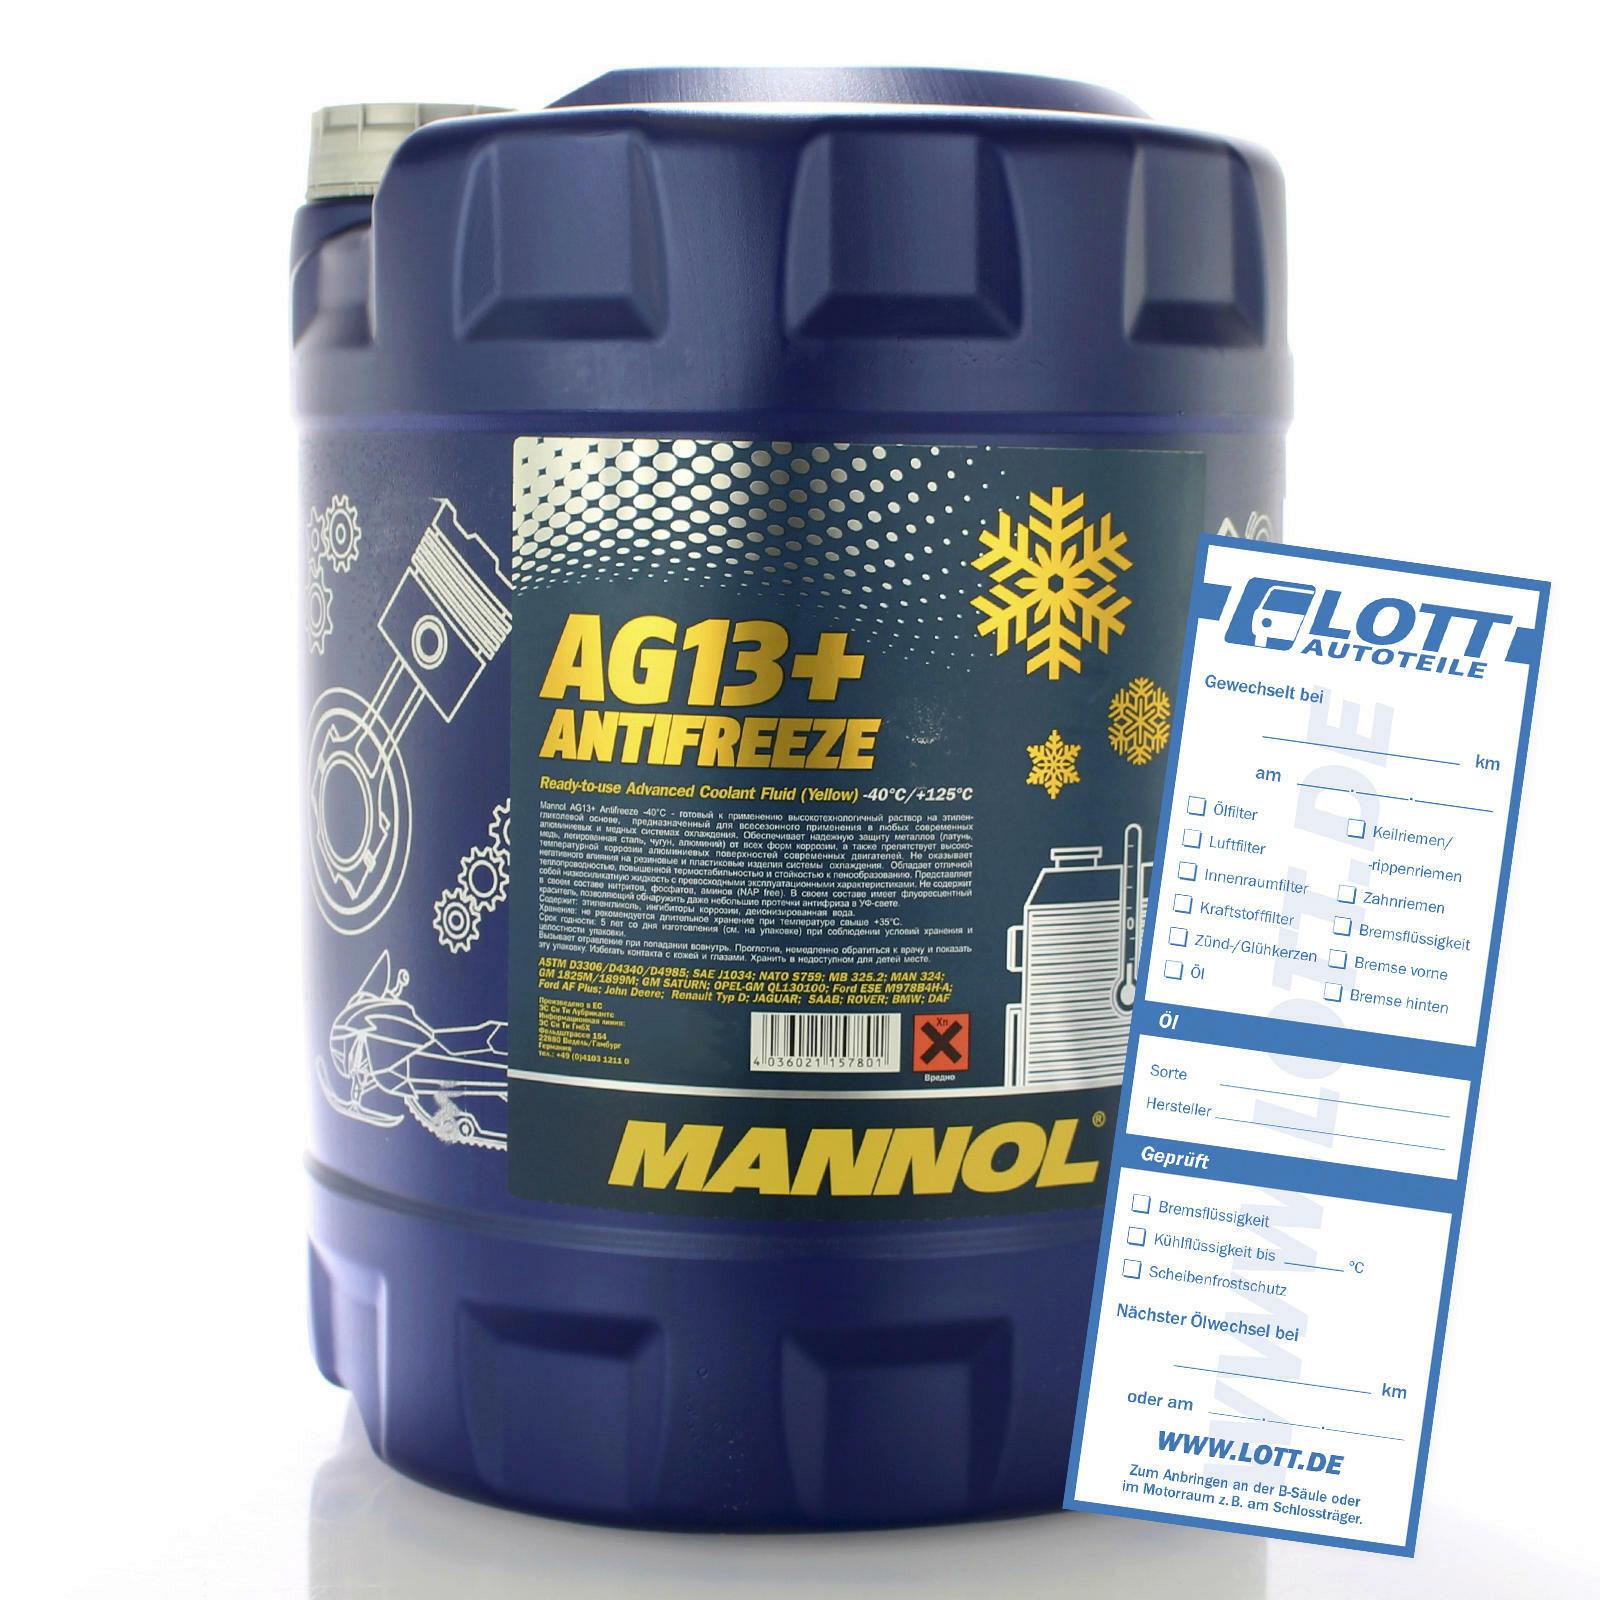 Mannol Frostschutz AG13+ 20L